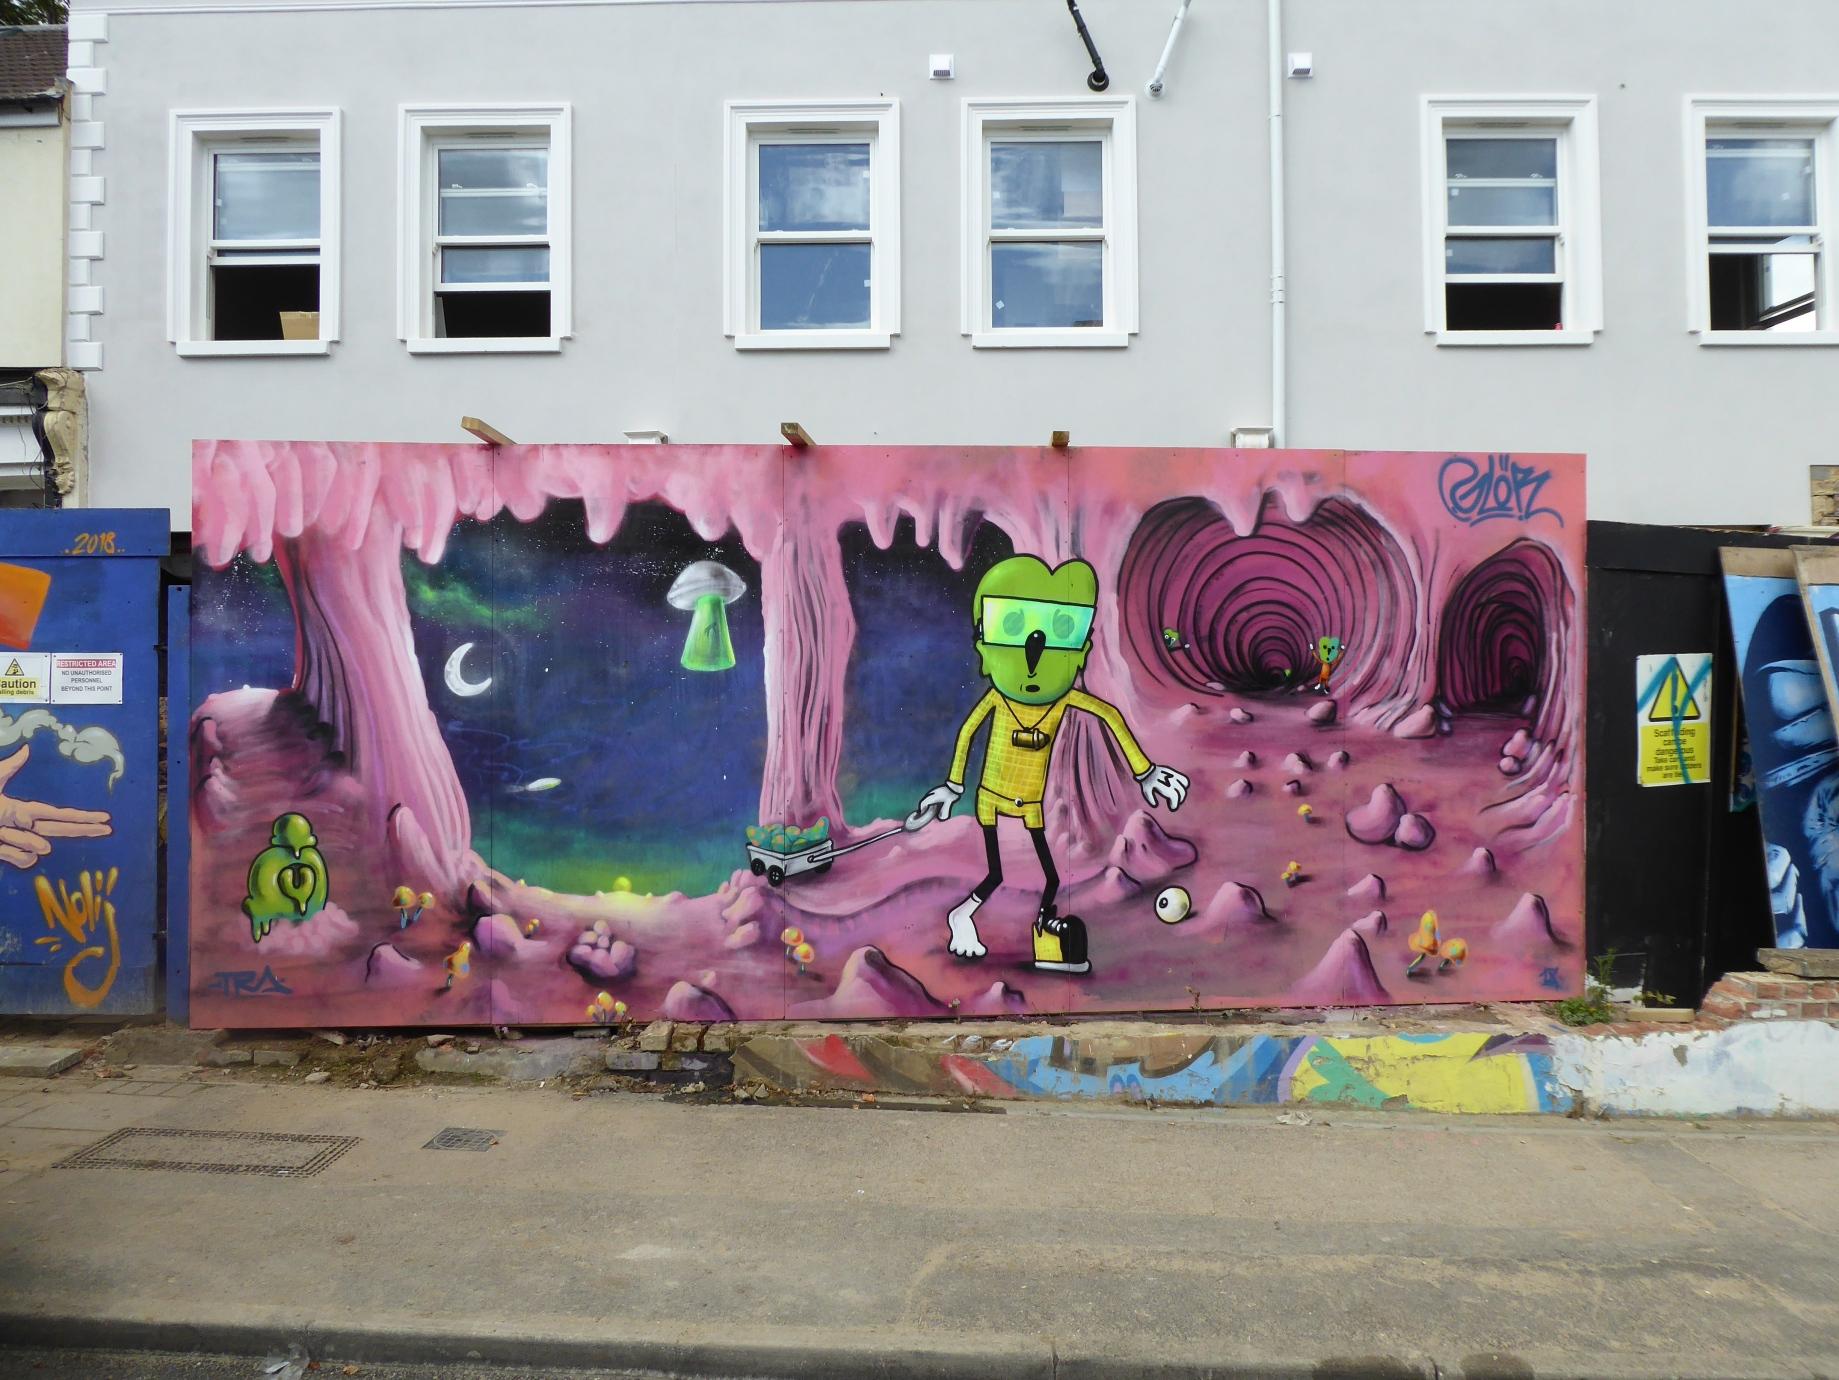 New glor street art in penge